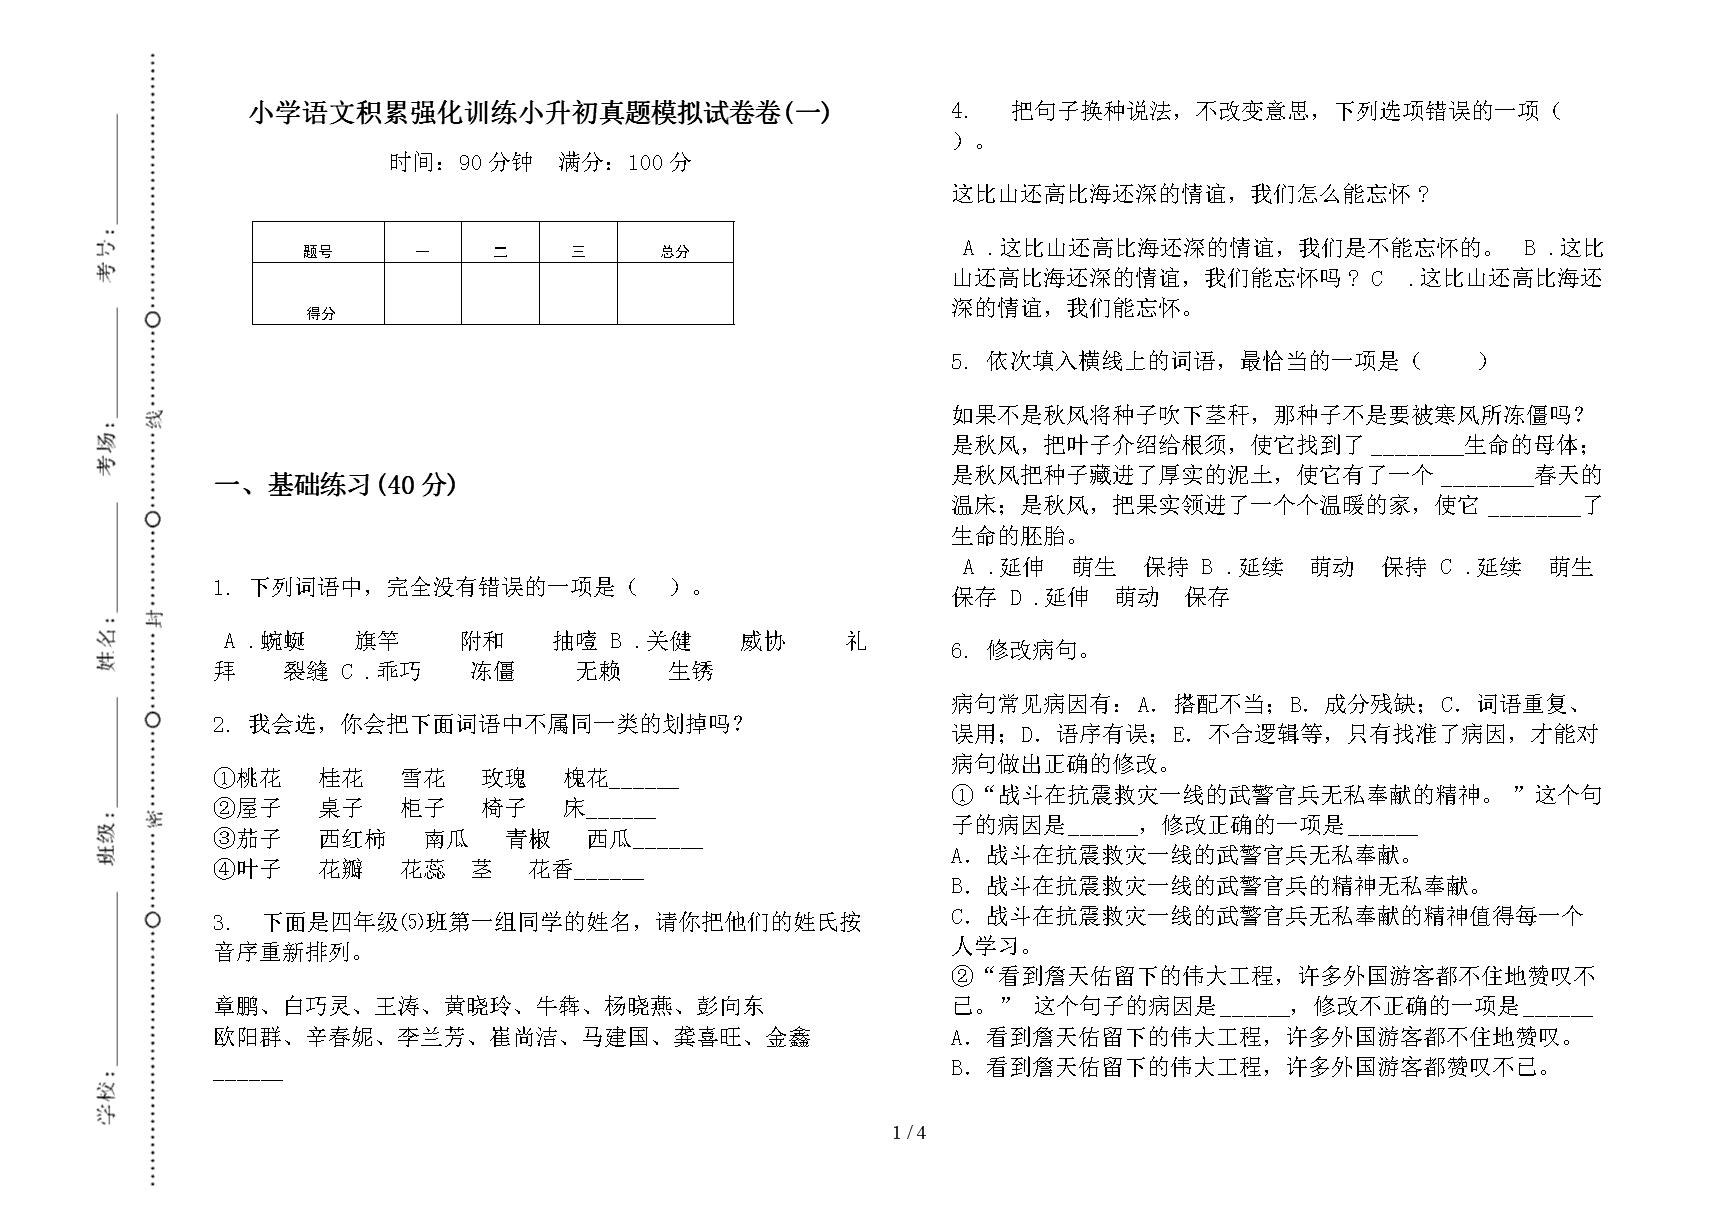 小学语文积累强化训练小升初真题模拟试卷卷(一).docx